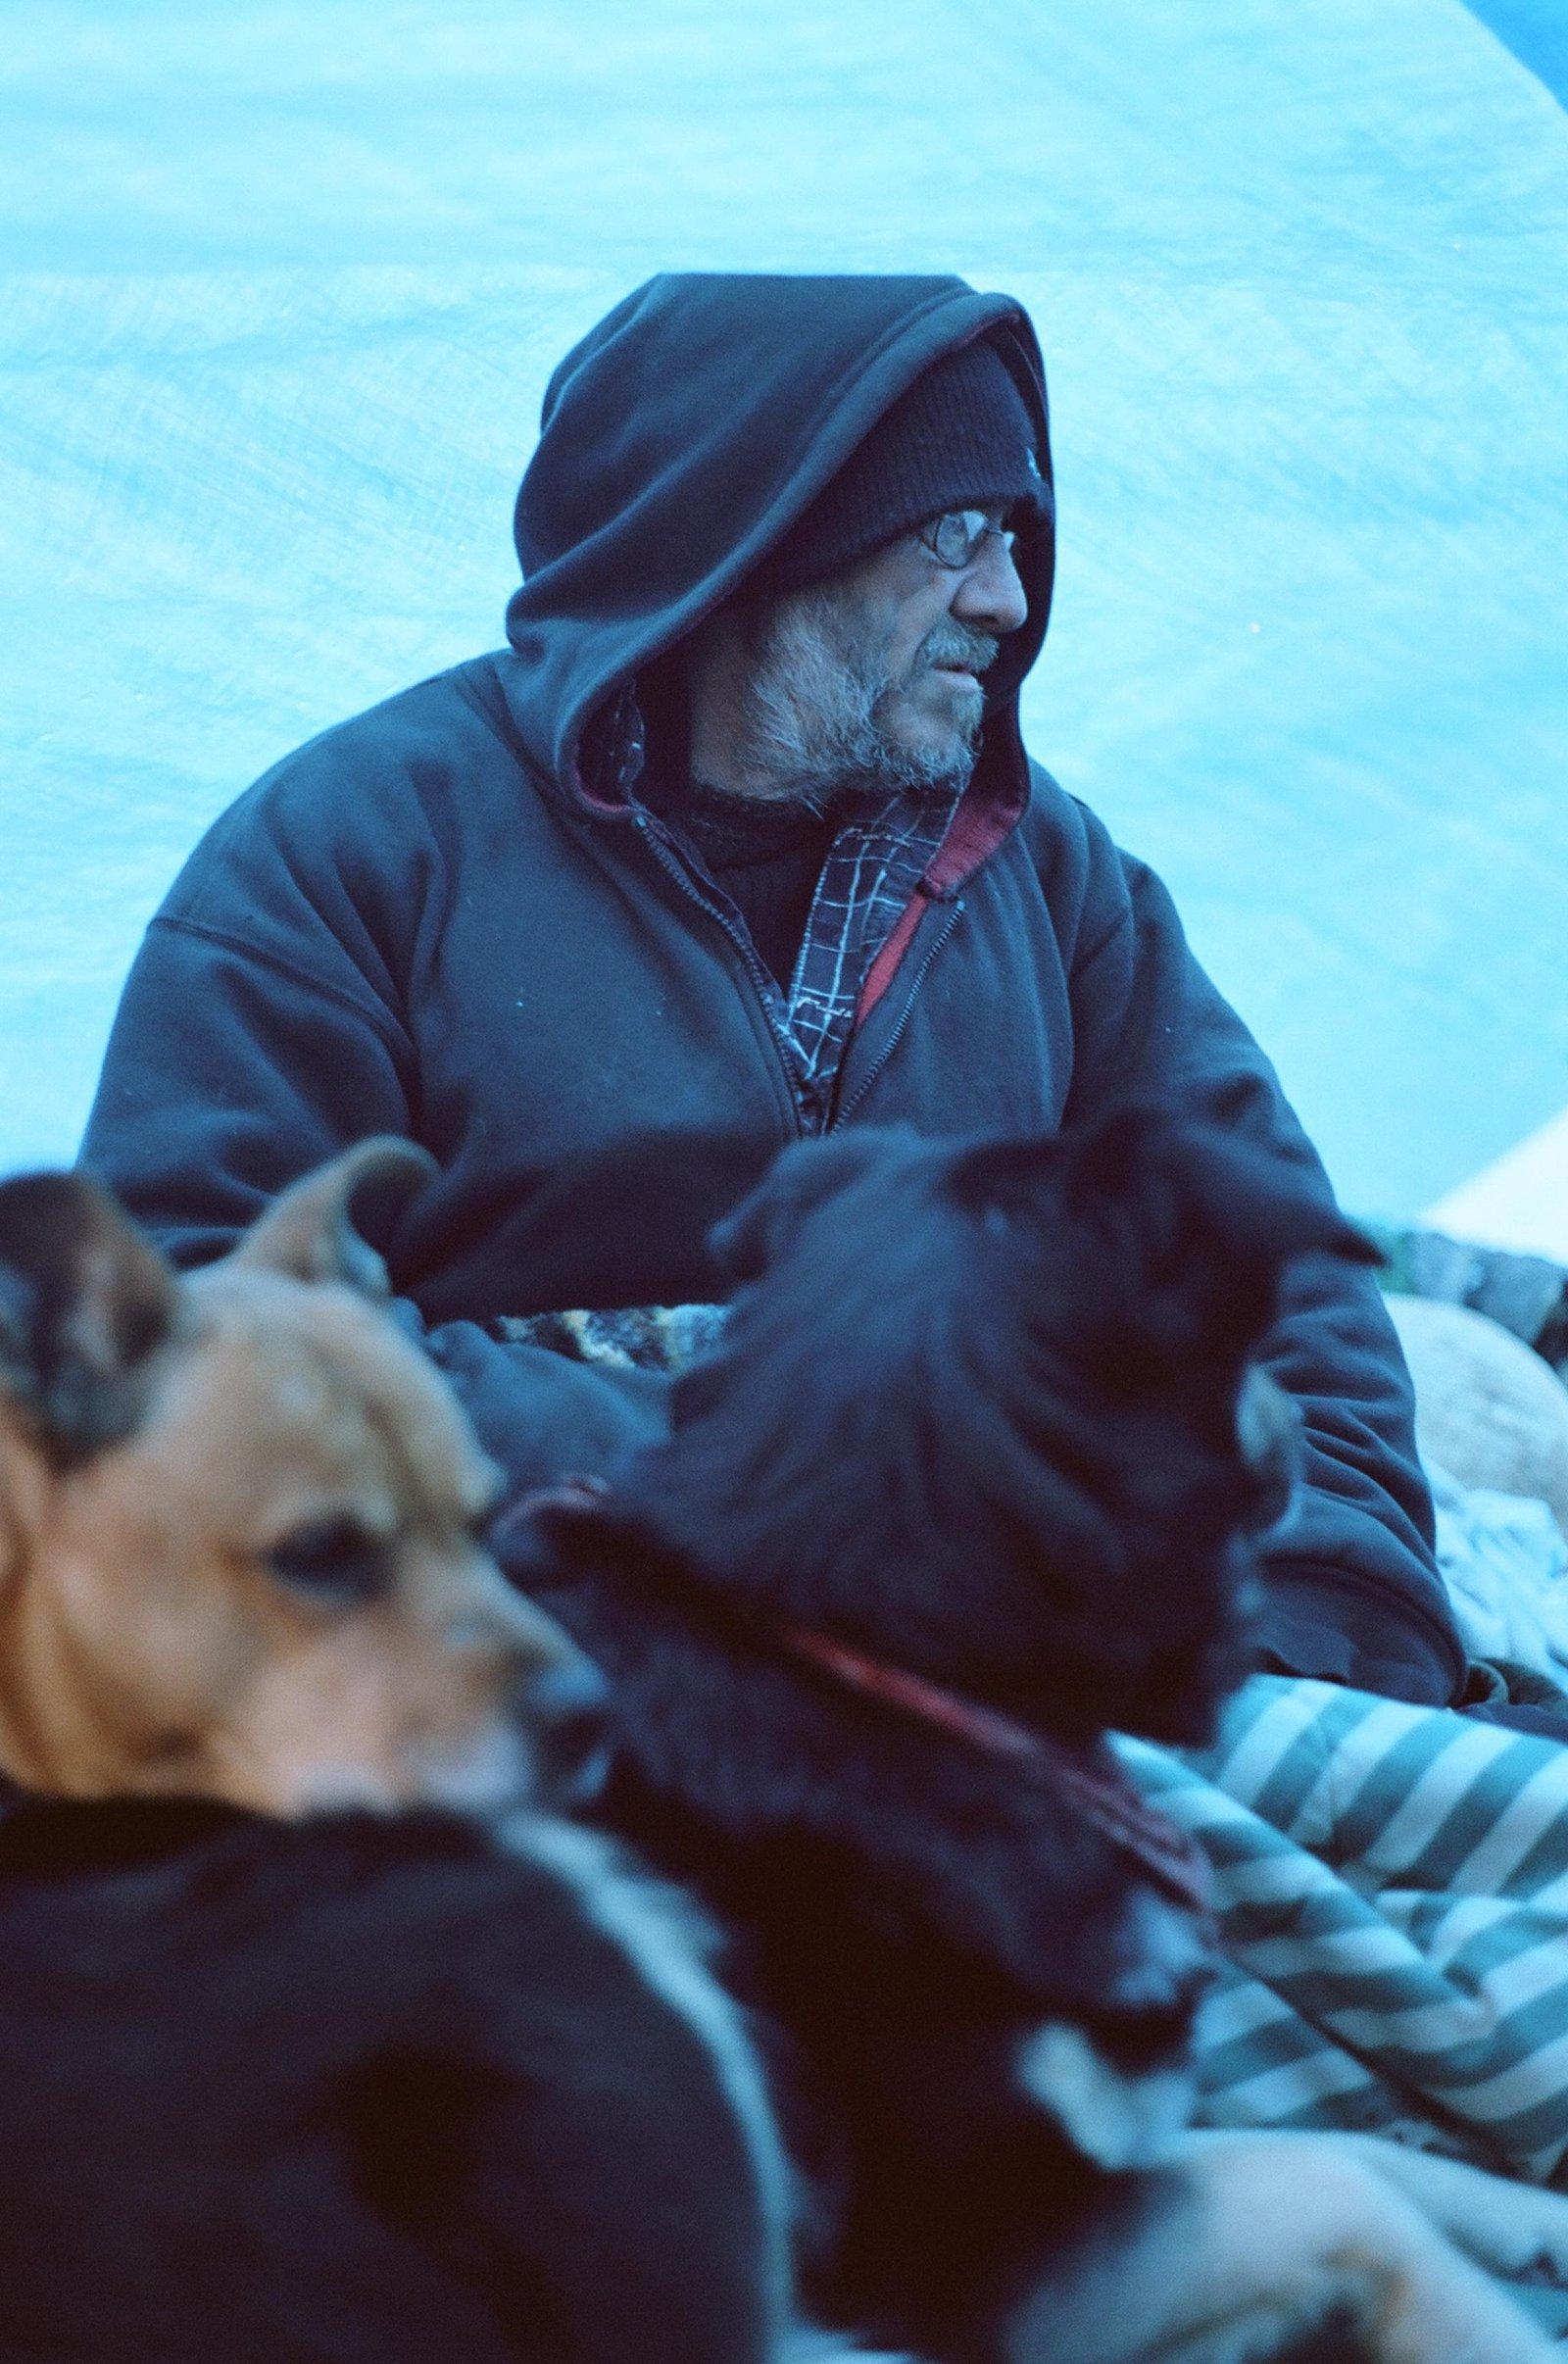 Homelessness photos